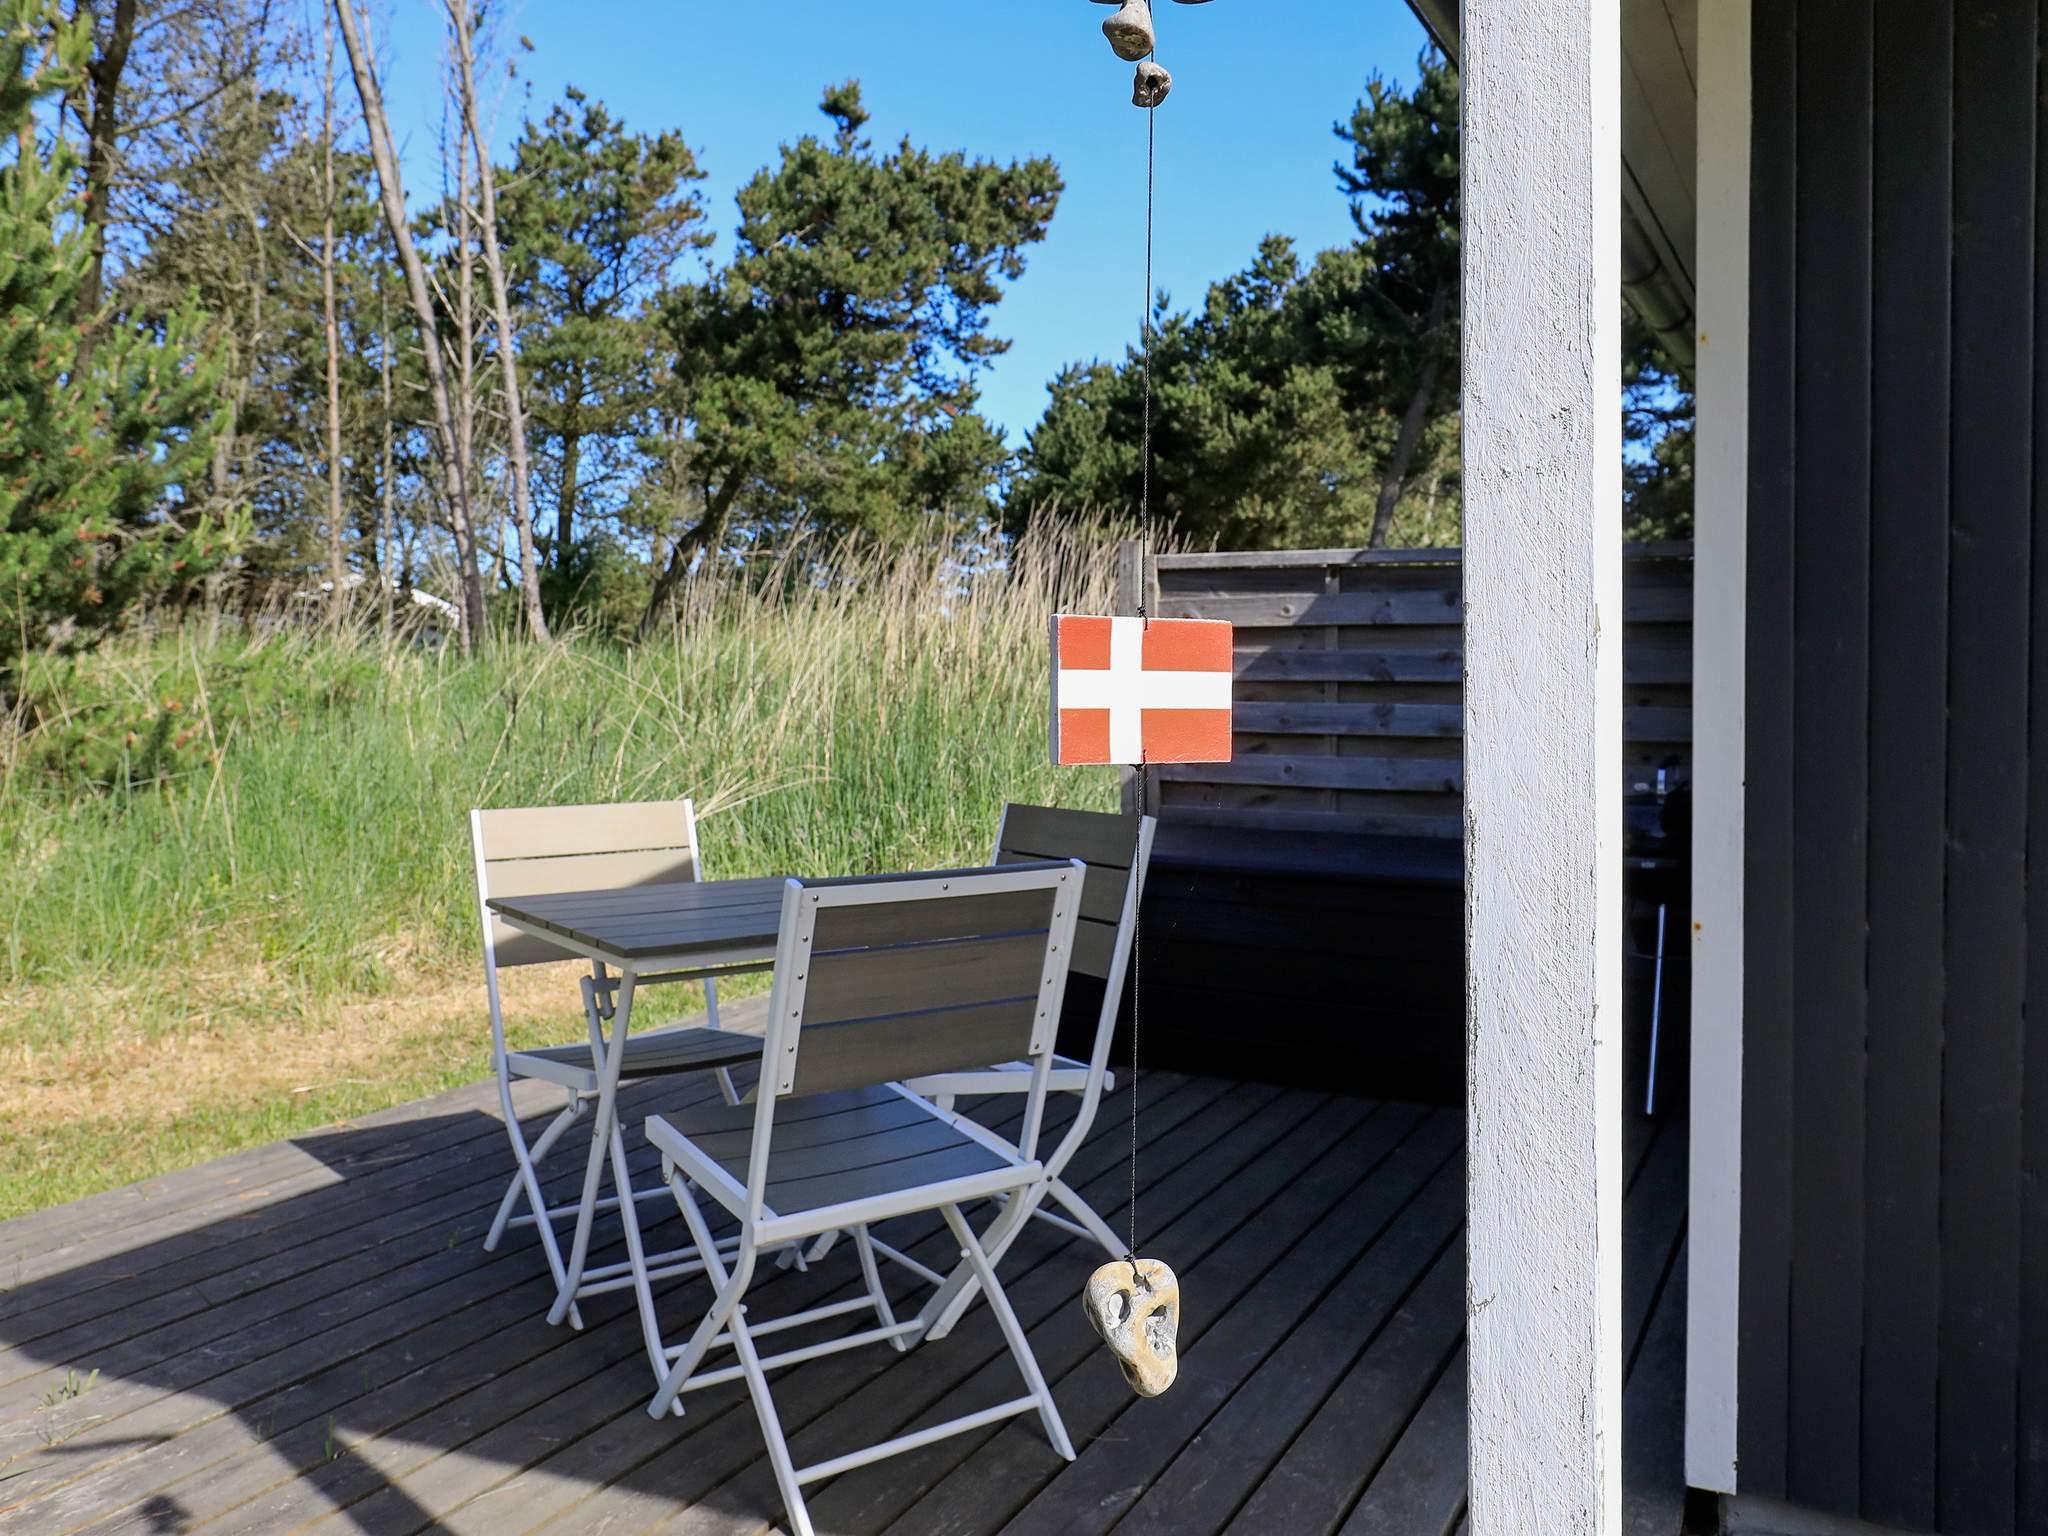 Ferienhaus Kjul Strand (2523809), Hirtshals, , Nordwestjütland, Dänemark, Bild 14